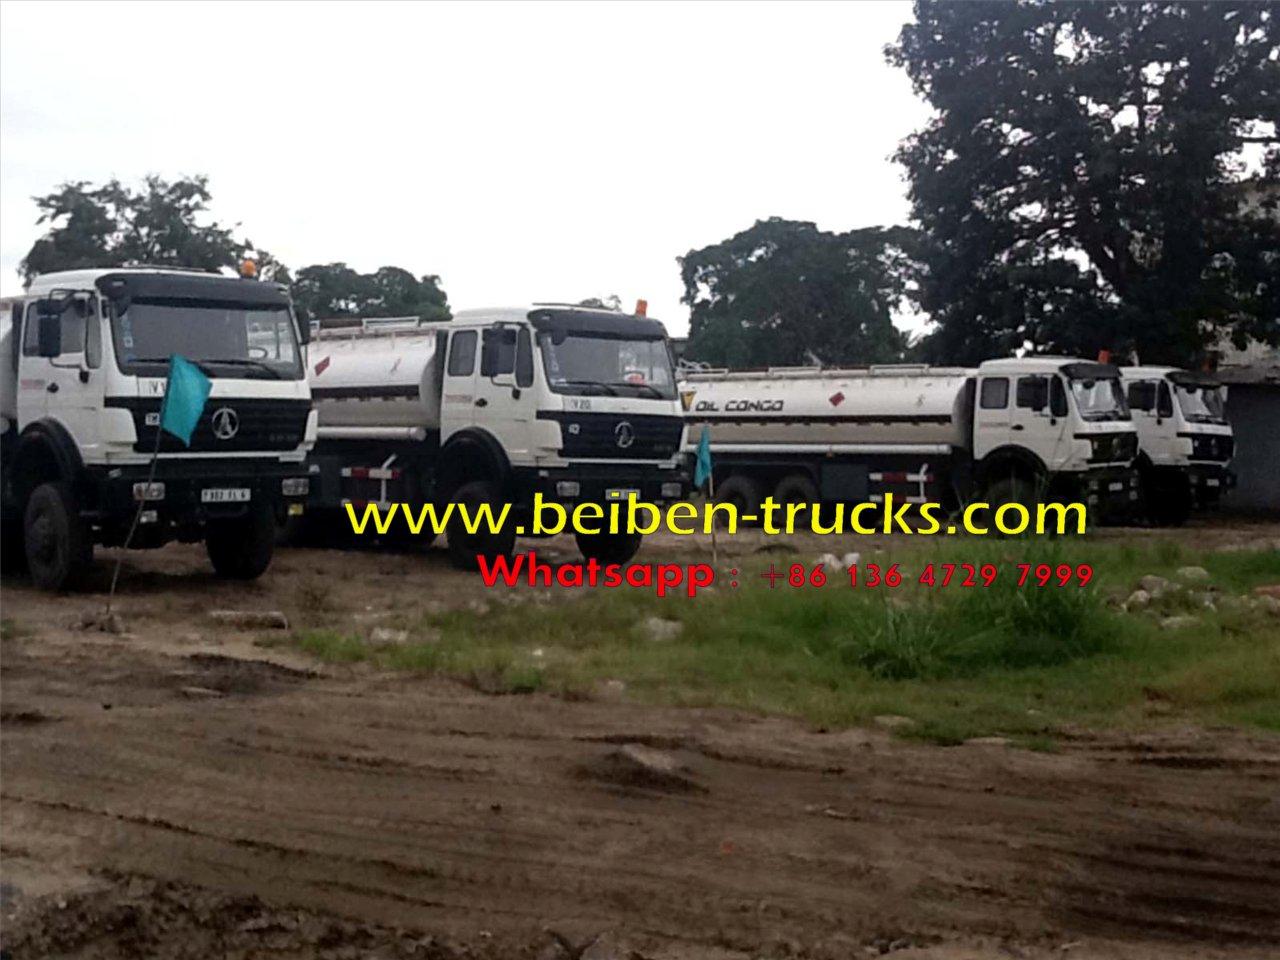 beiben 2534 off road fuel truck